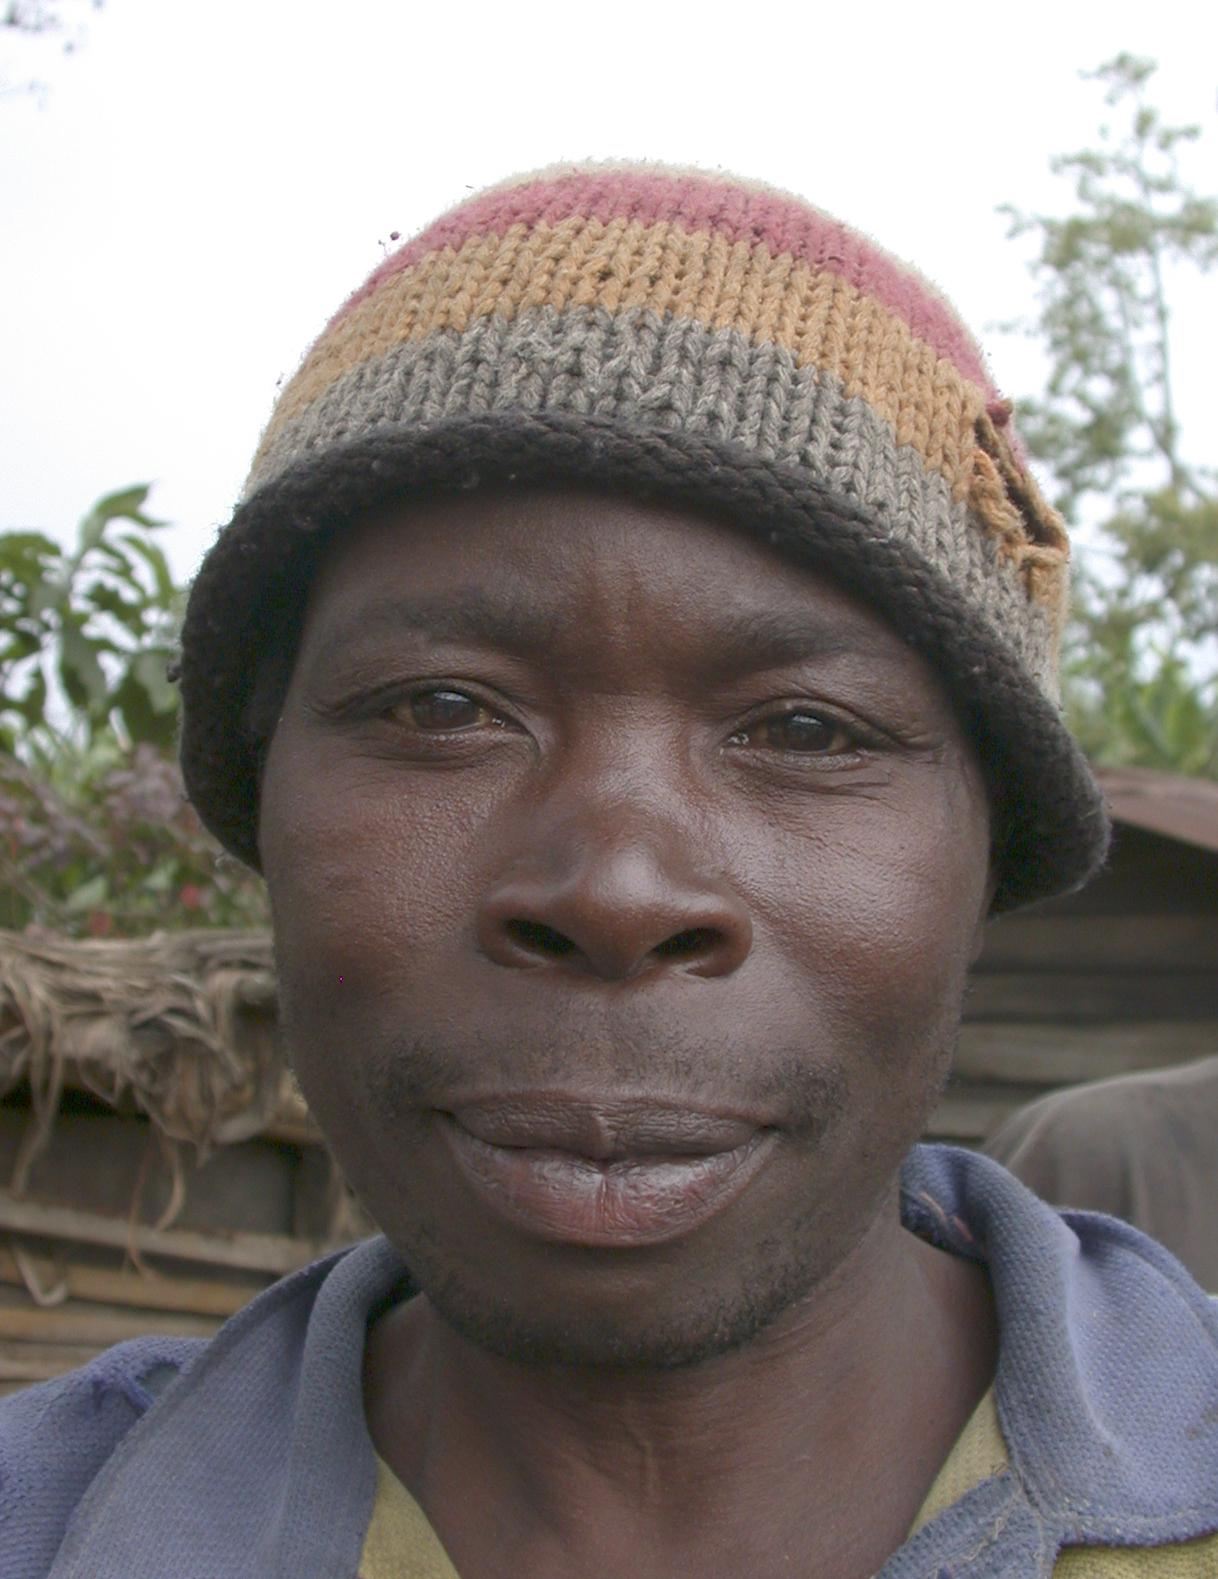 Congo, 2004